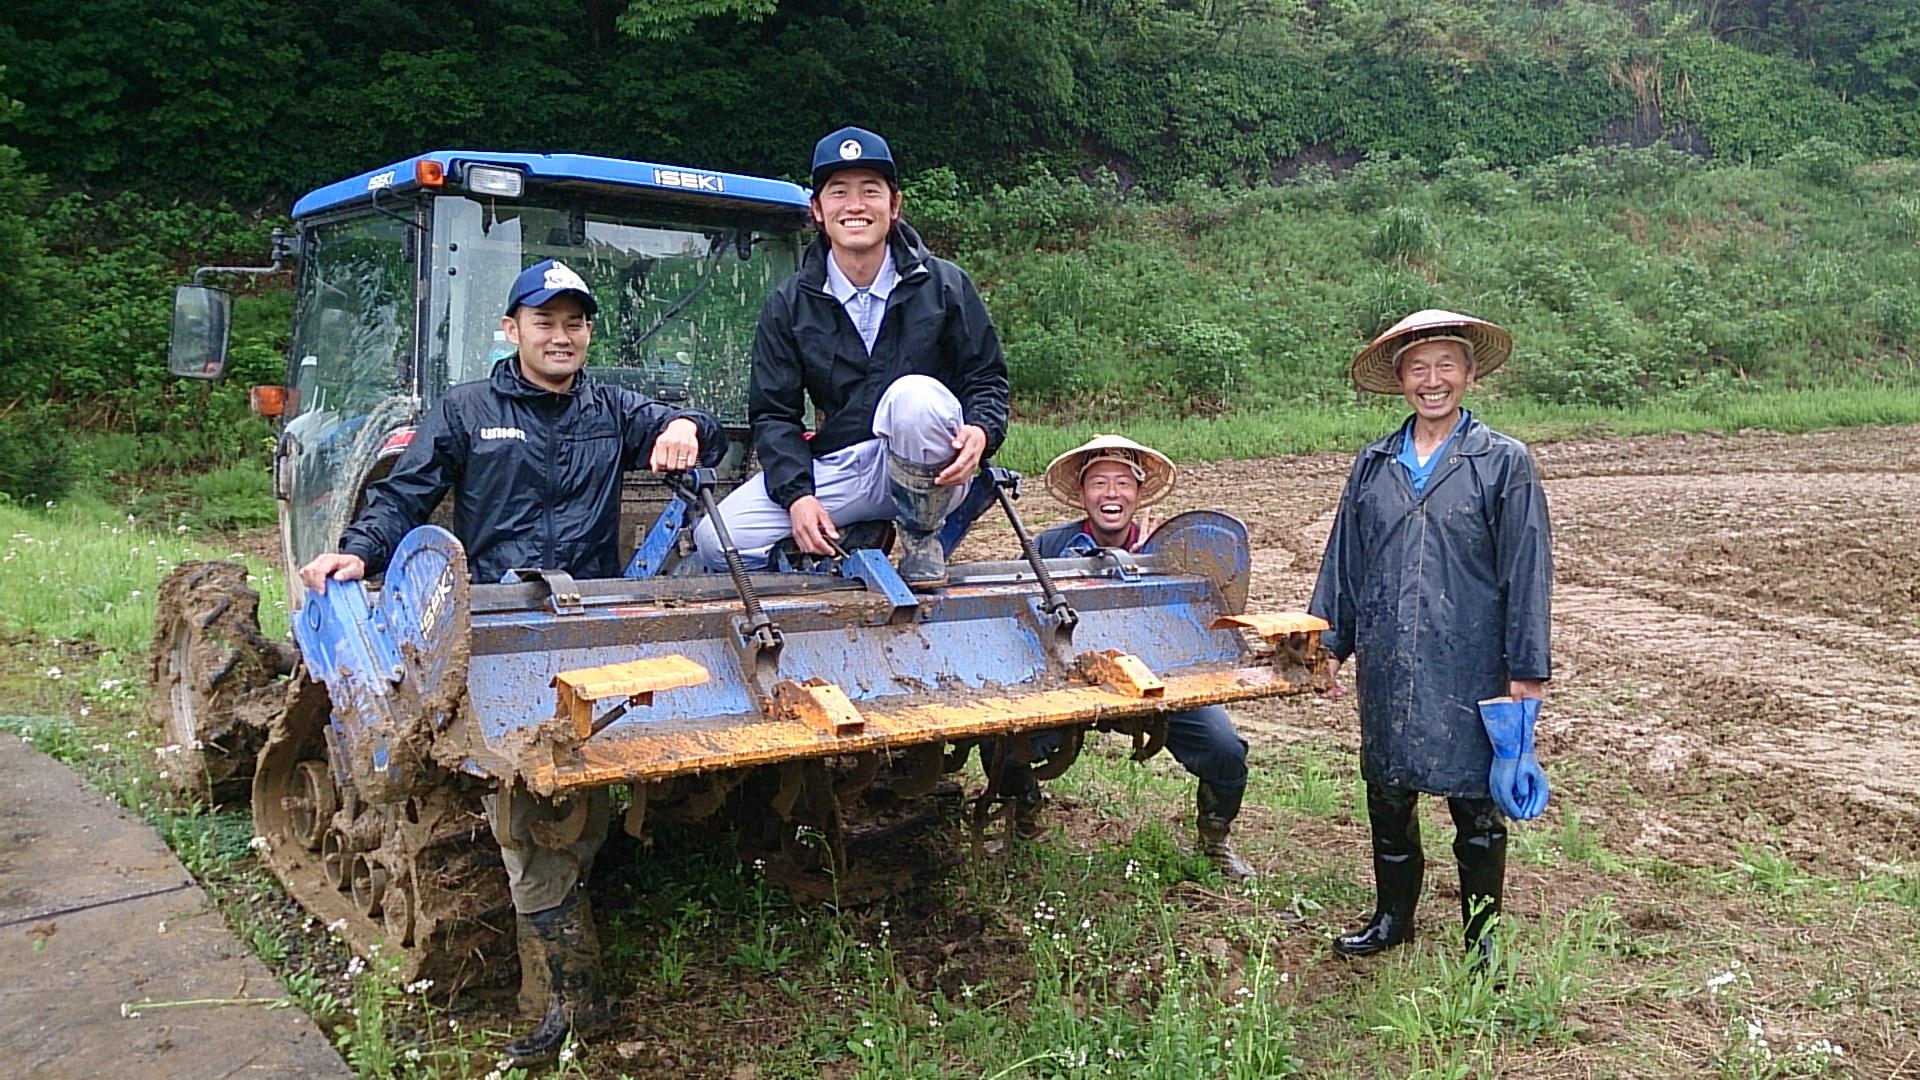 イナカレッジが運営するゼミナールの一つ。米づくりの技術を学ぶ「新米塾」。